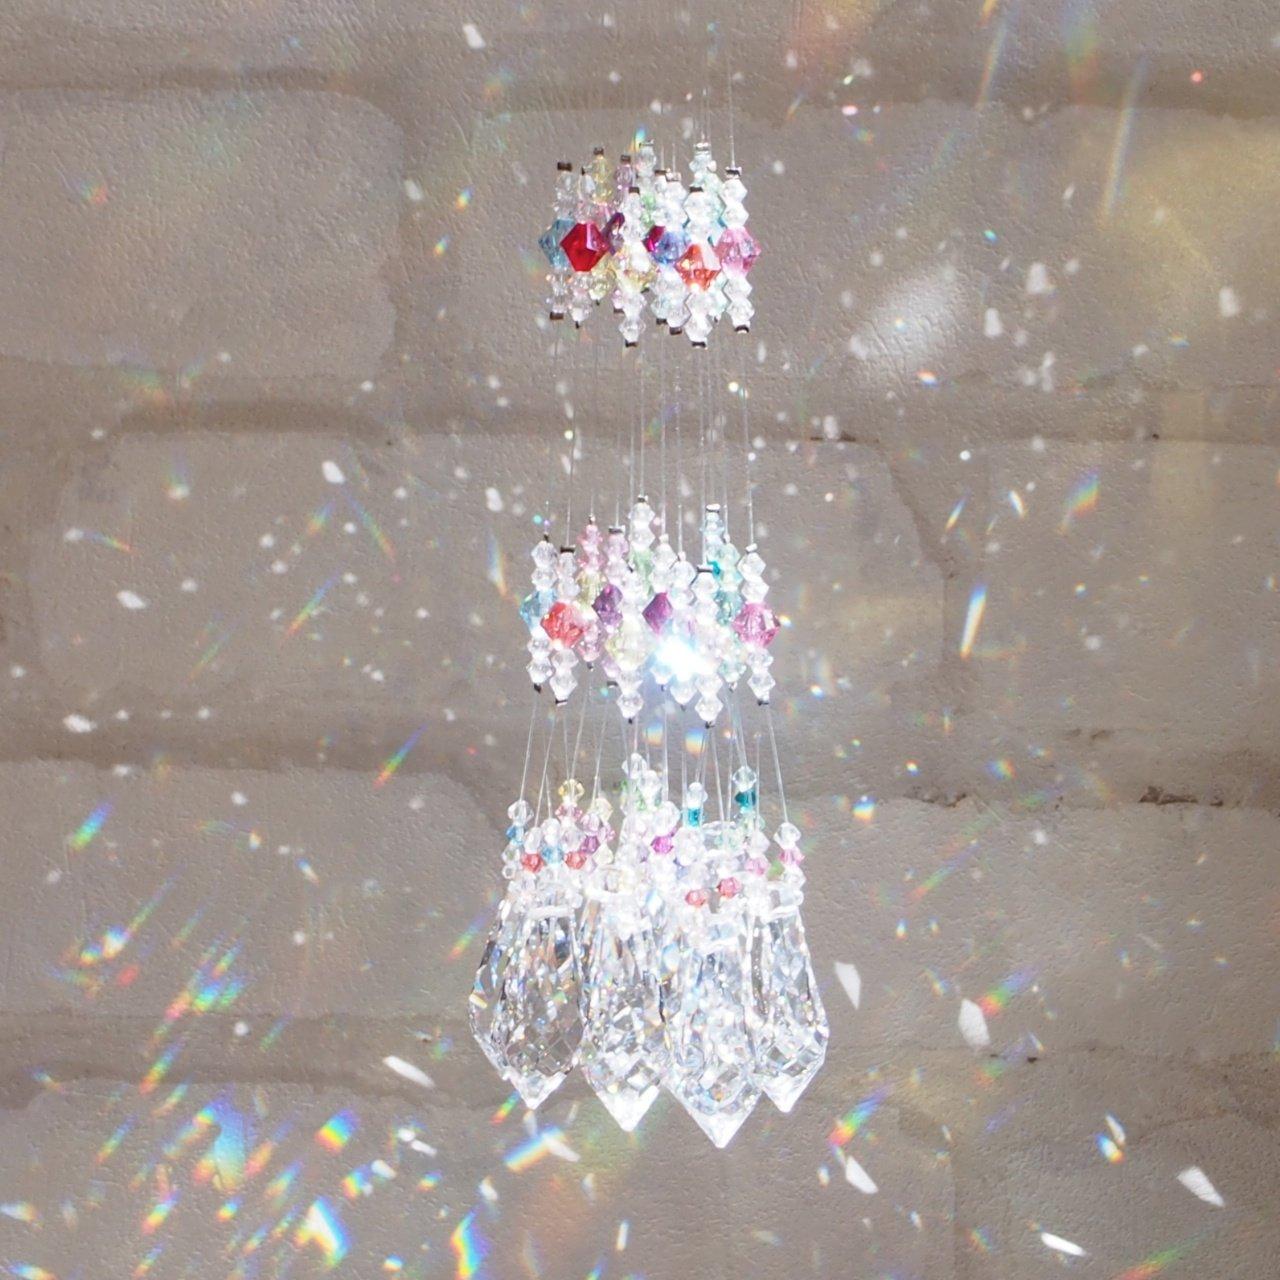 マナスペース愛 きらら☆ 純正スワロフスキー社製!ルーム用サンキャッチャー ギフトに最適☆ 光と虹 (全12色セット) B00WSC5JXG 全12色セット 全12色セット